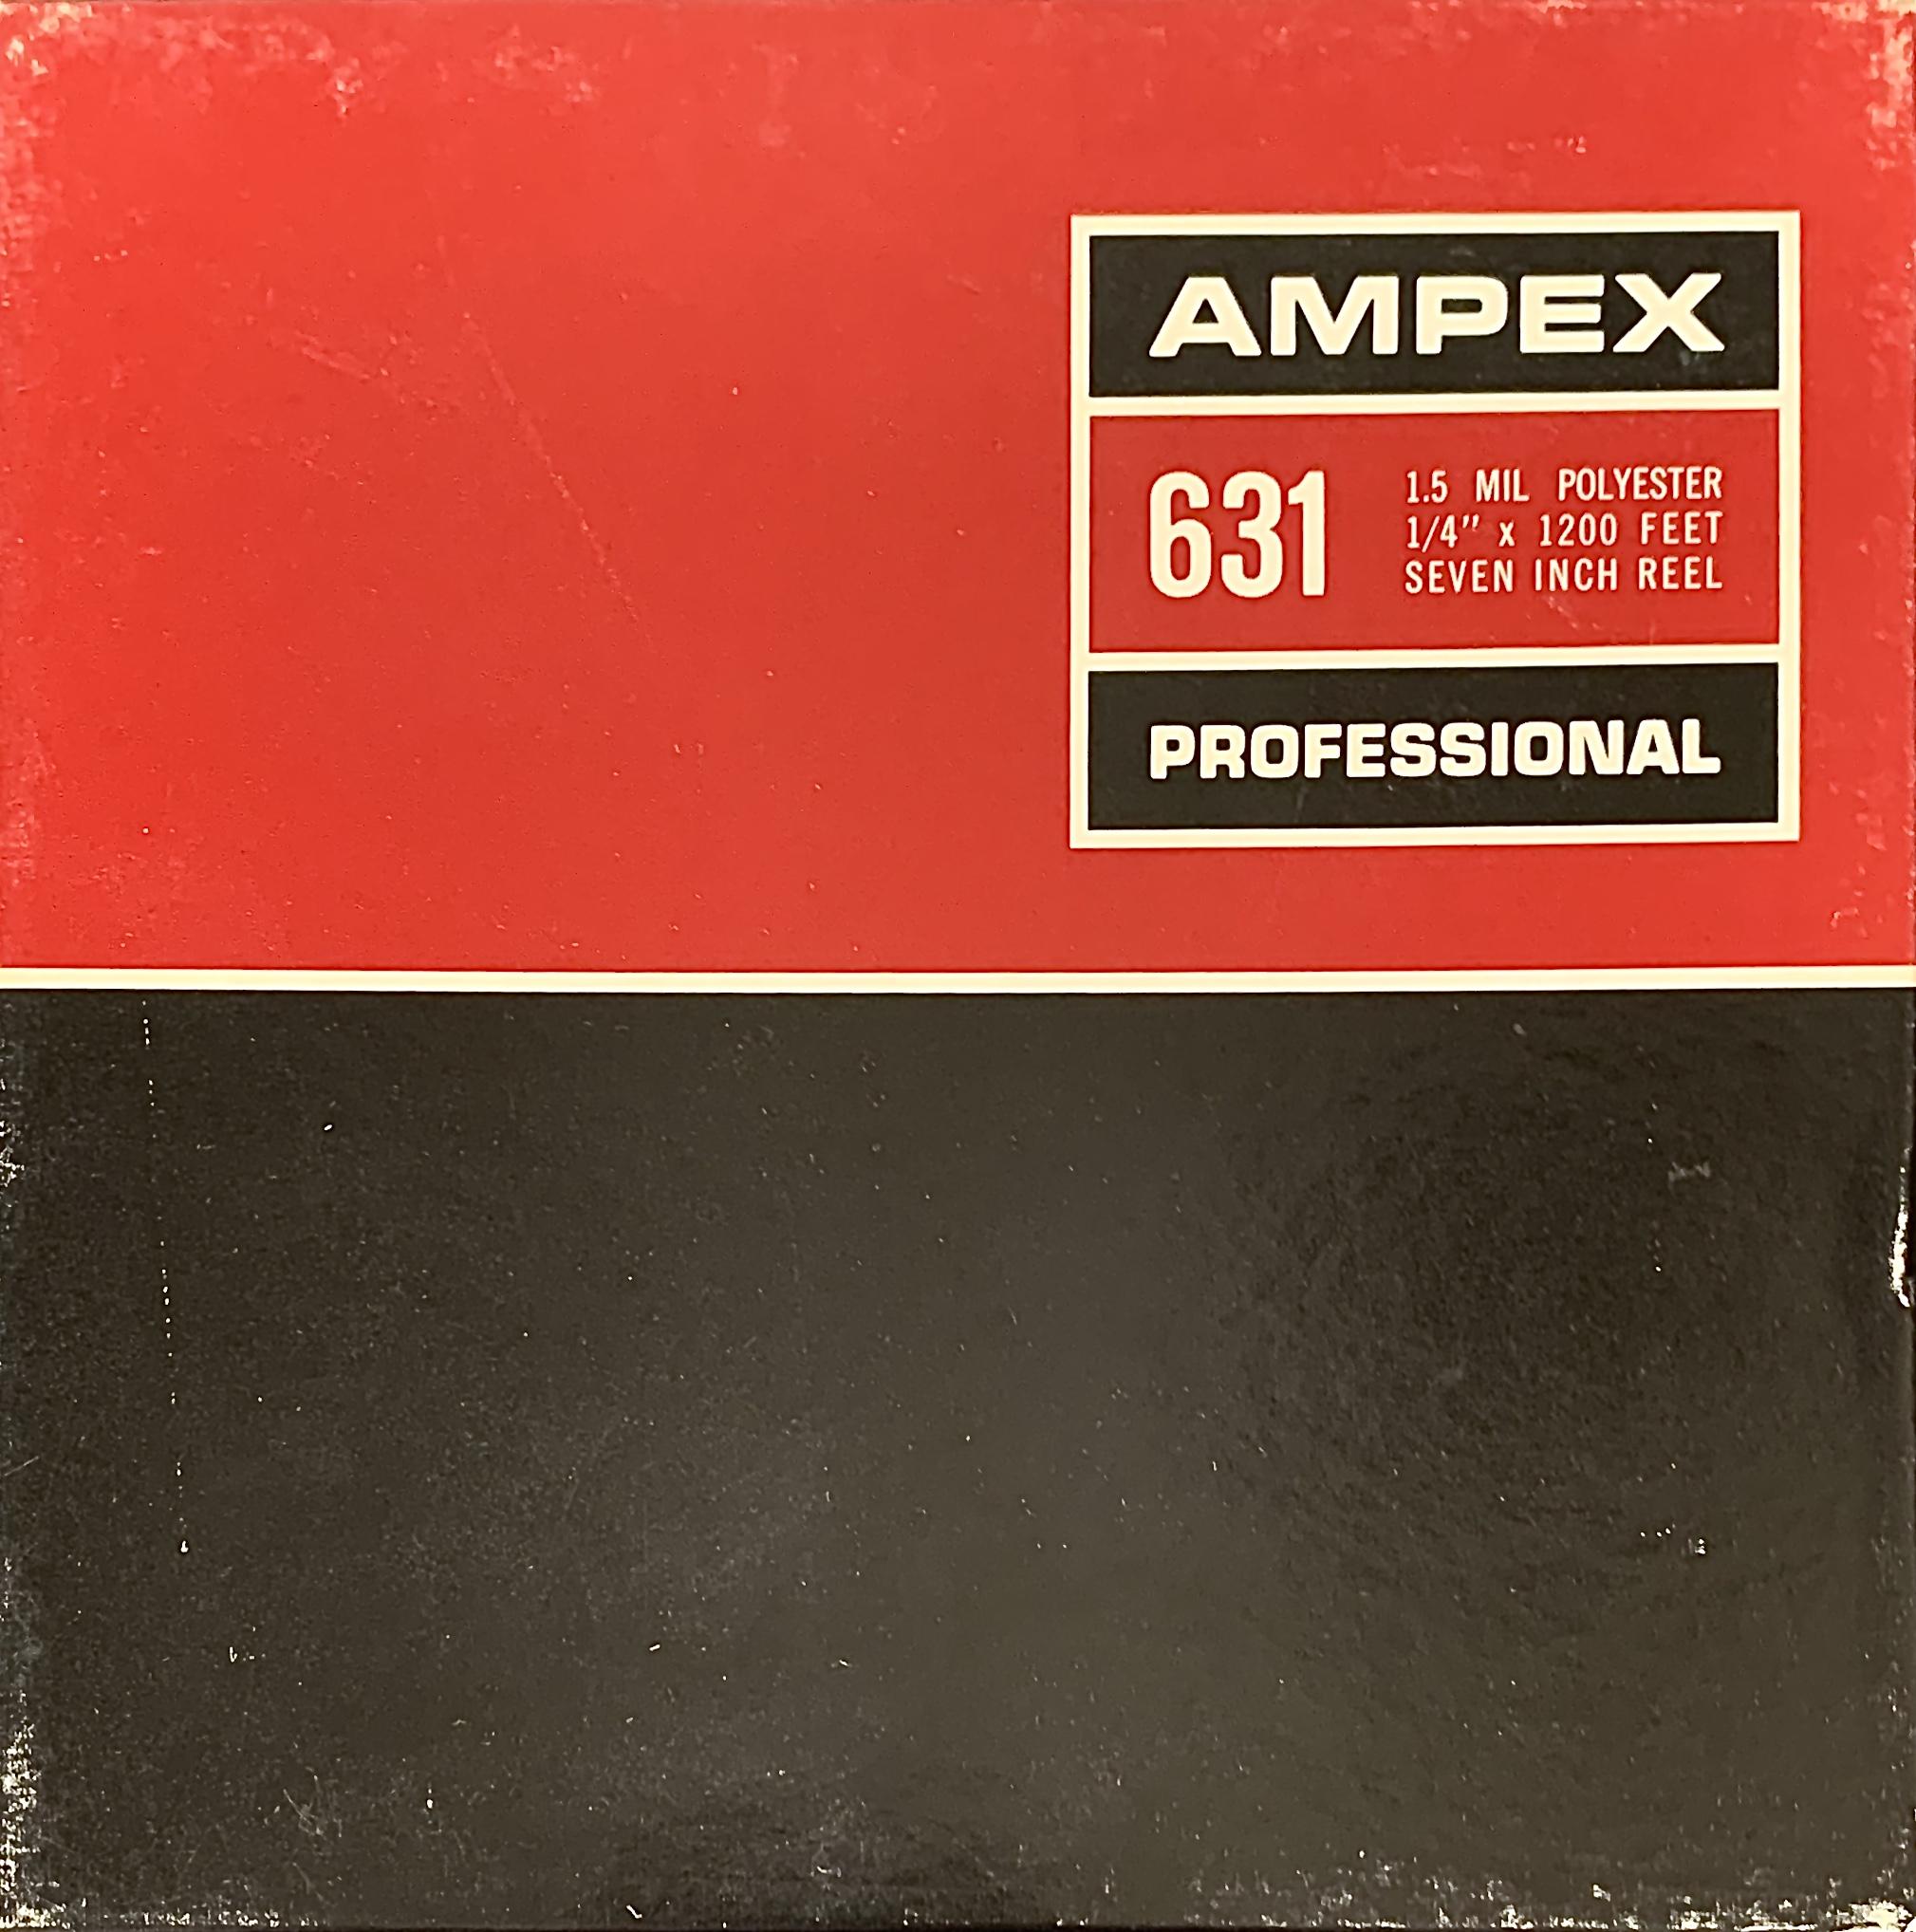 Ampex-631-Reel-Tape-Box